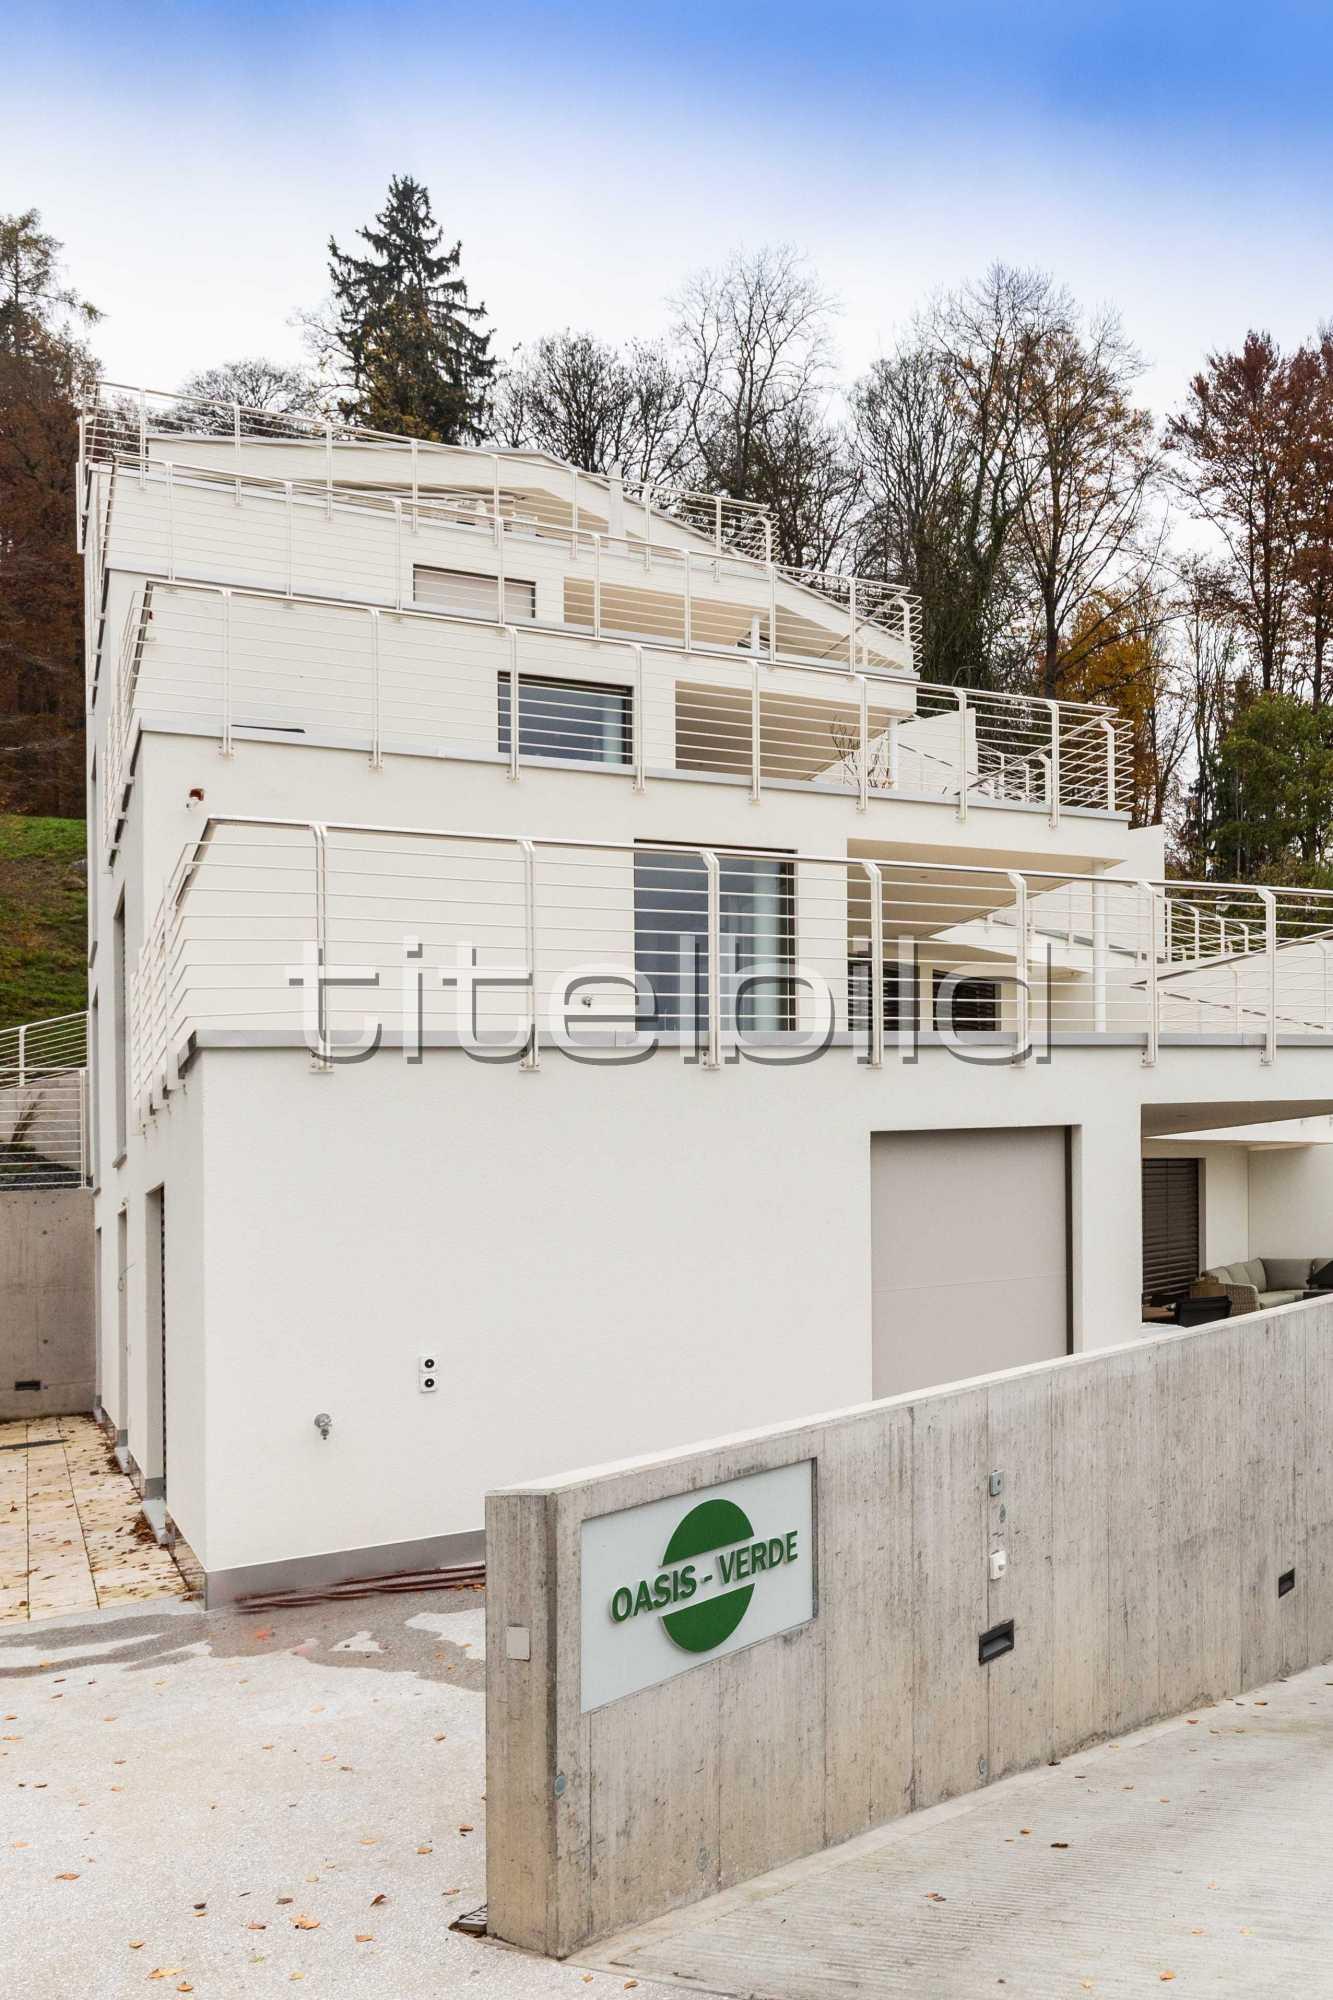 Projektbild-Nr. 2: Oasis Verde Neubau